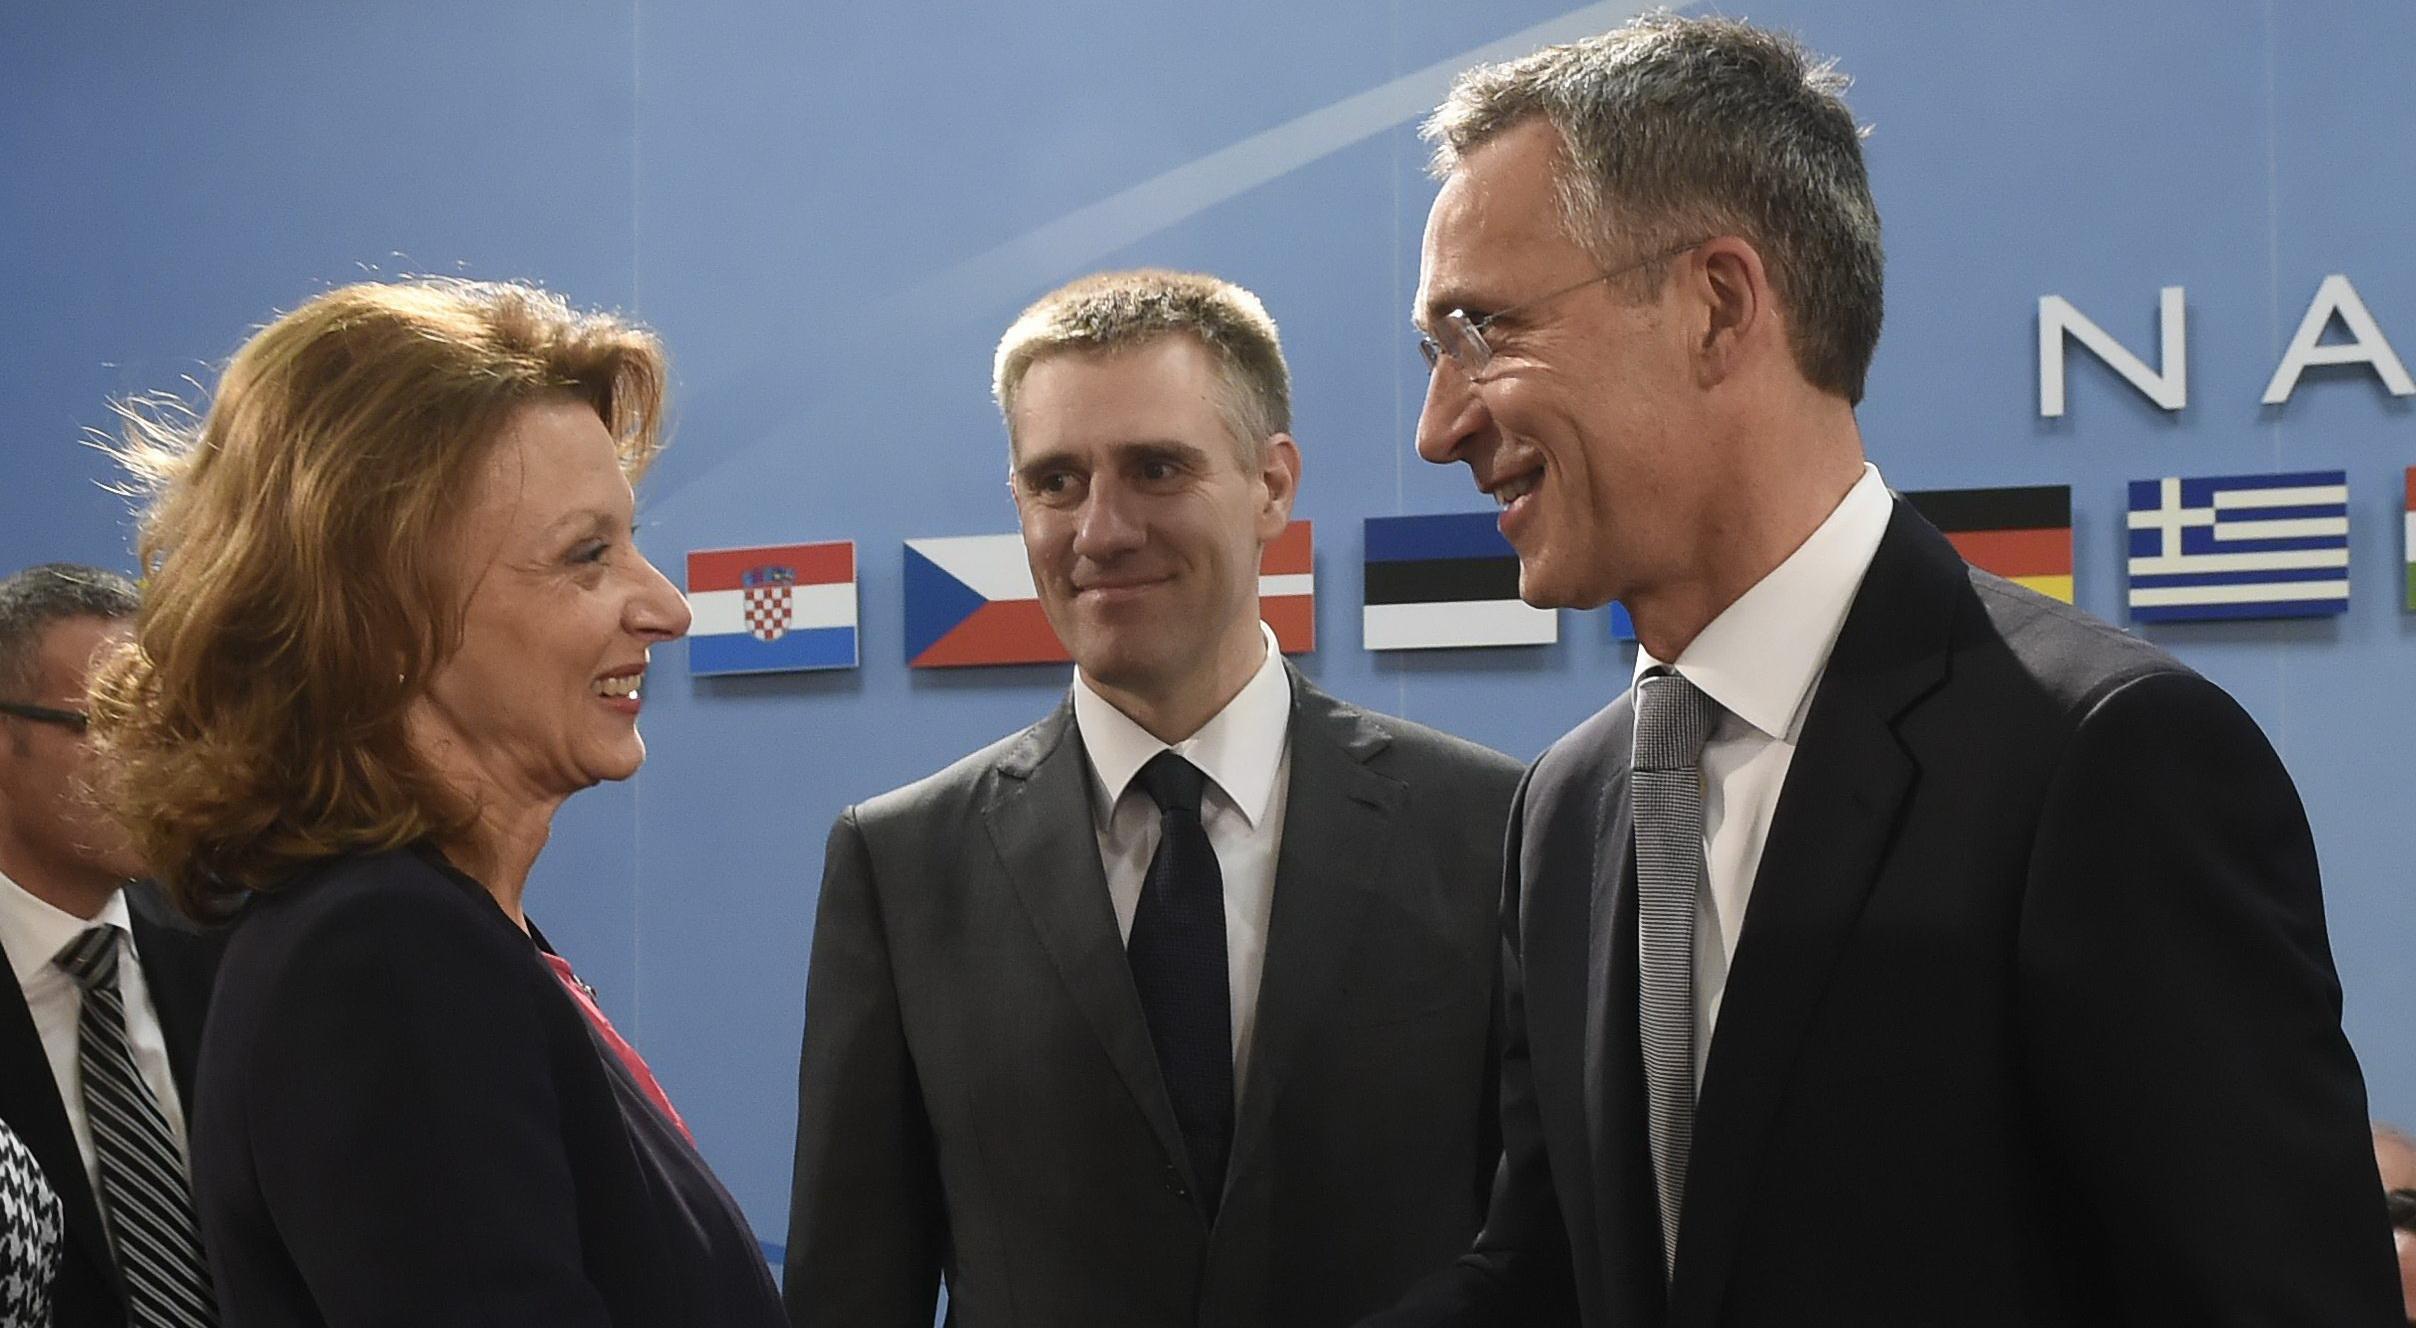 NATO a trimis oficial o invitatie de aderare unui stat din Europa. Cine va fi cel de-al 29-lea membru al organizatiei